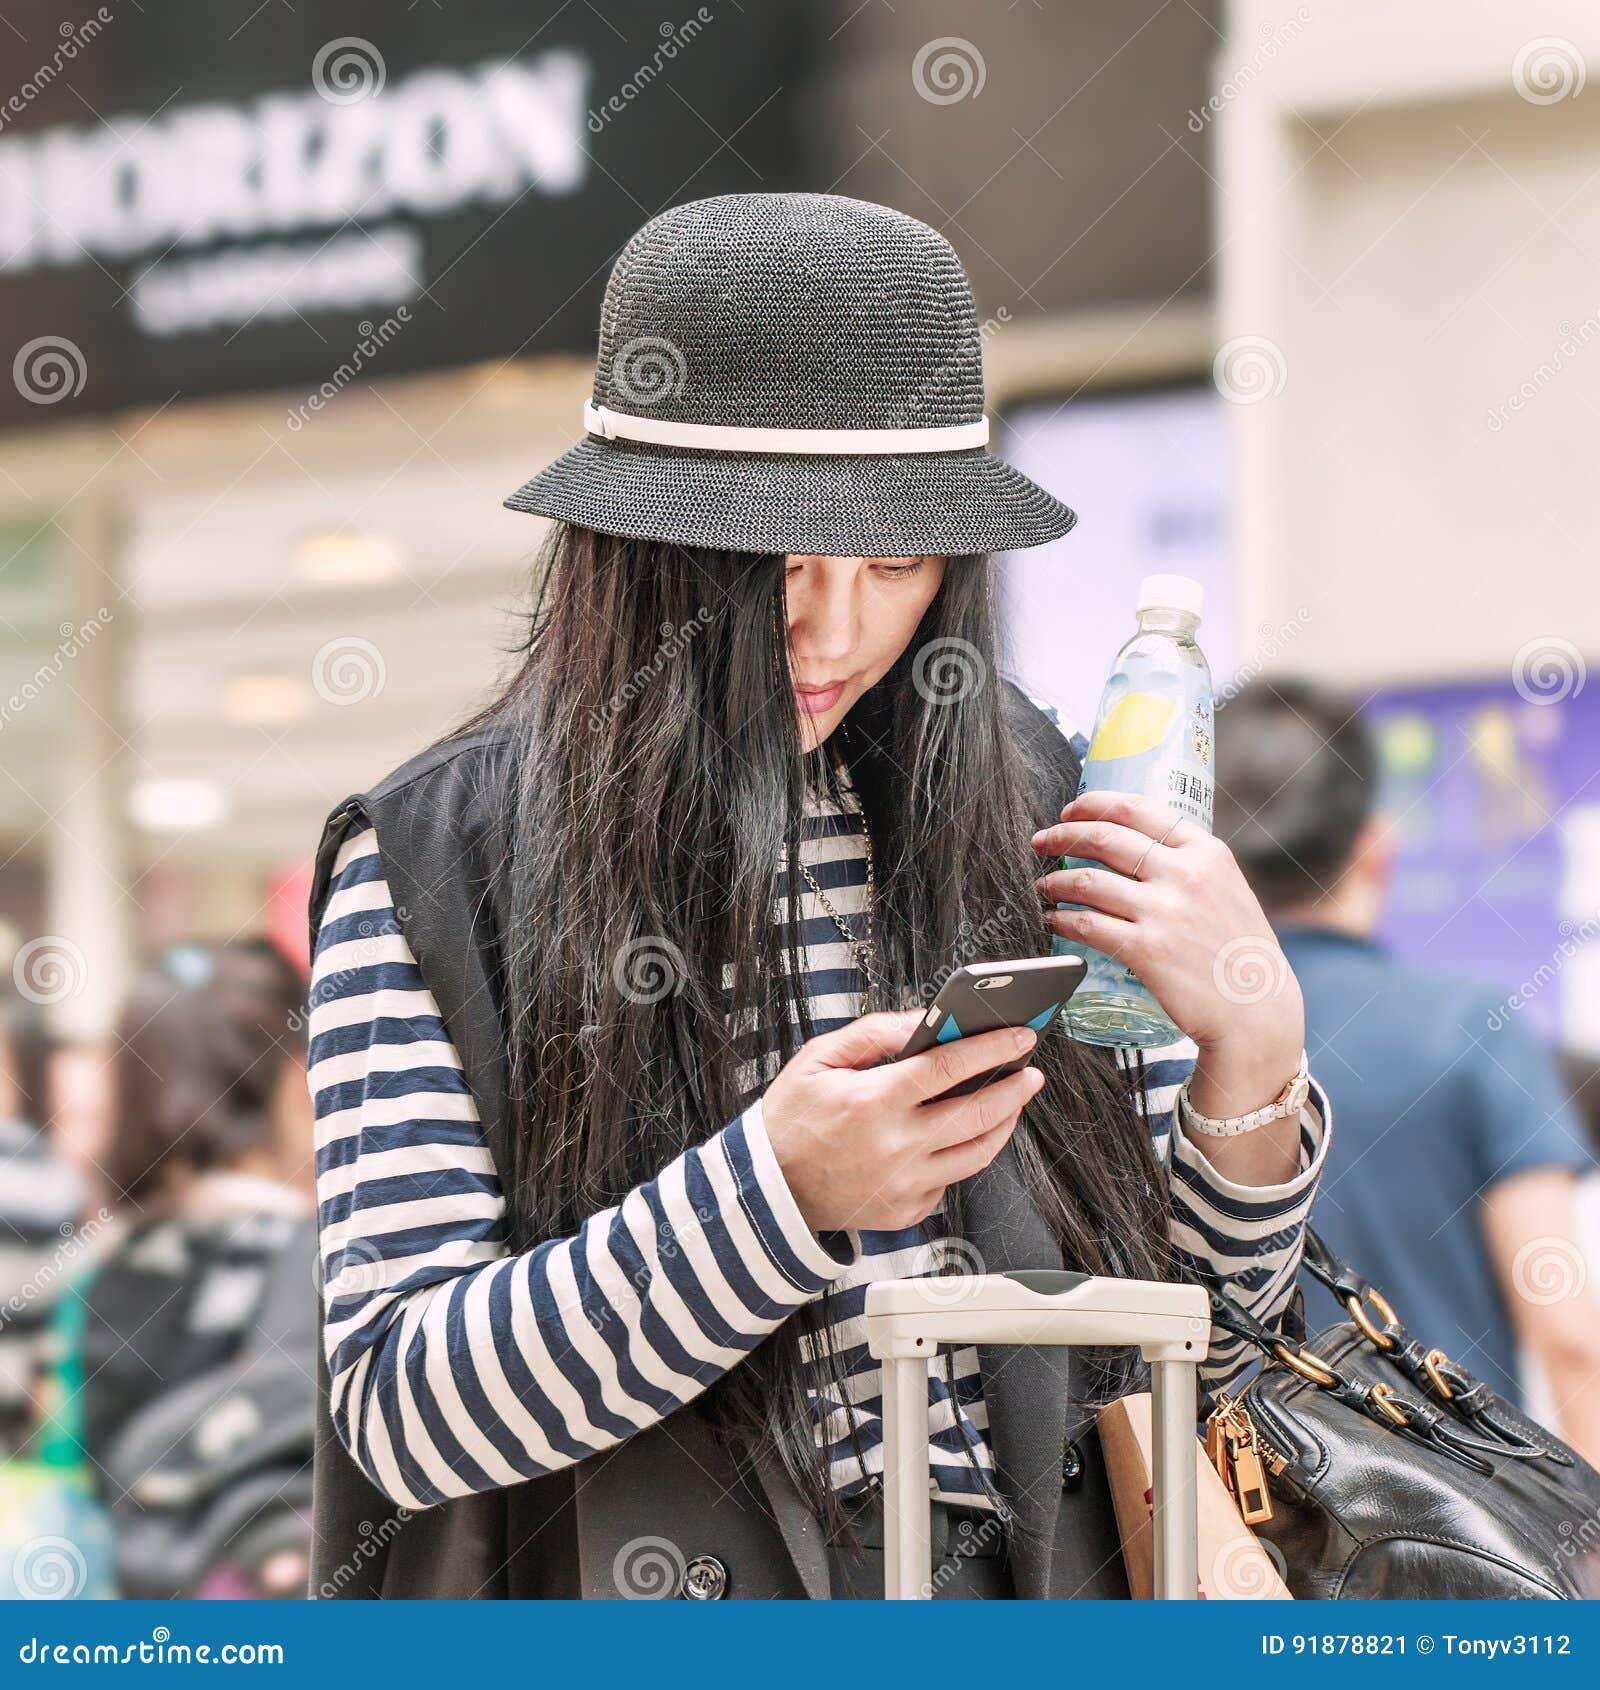 Fashionable girl, Beijing downtown, China